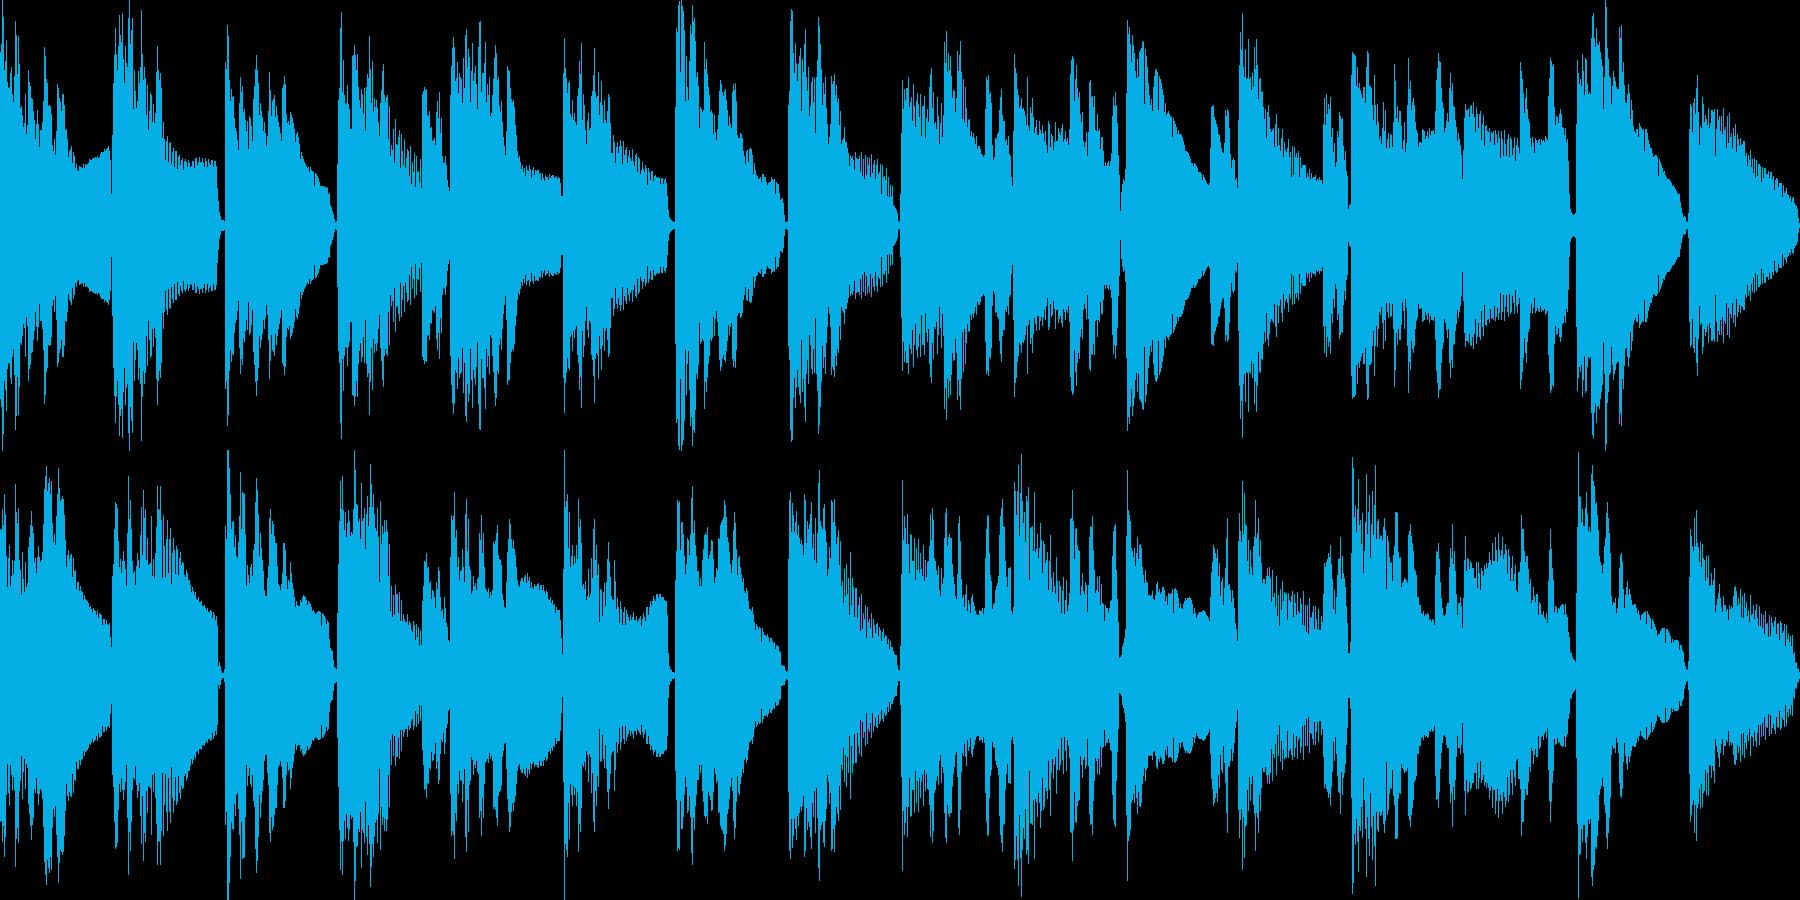 物思いに・ボーっとするBGM(ループ)の再生済みの波形